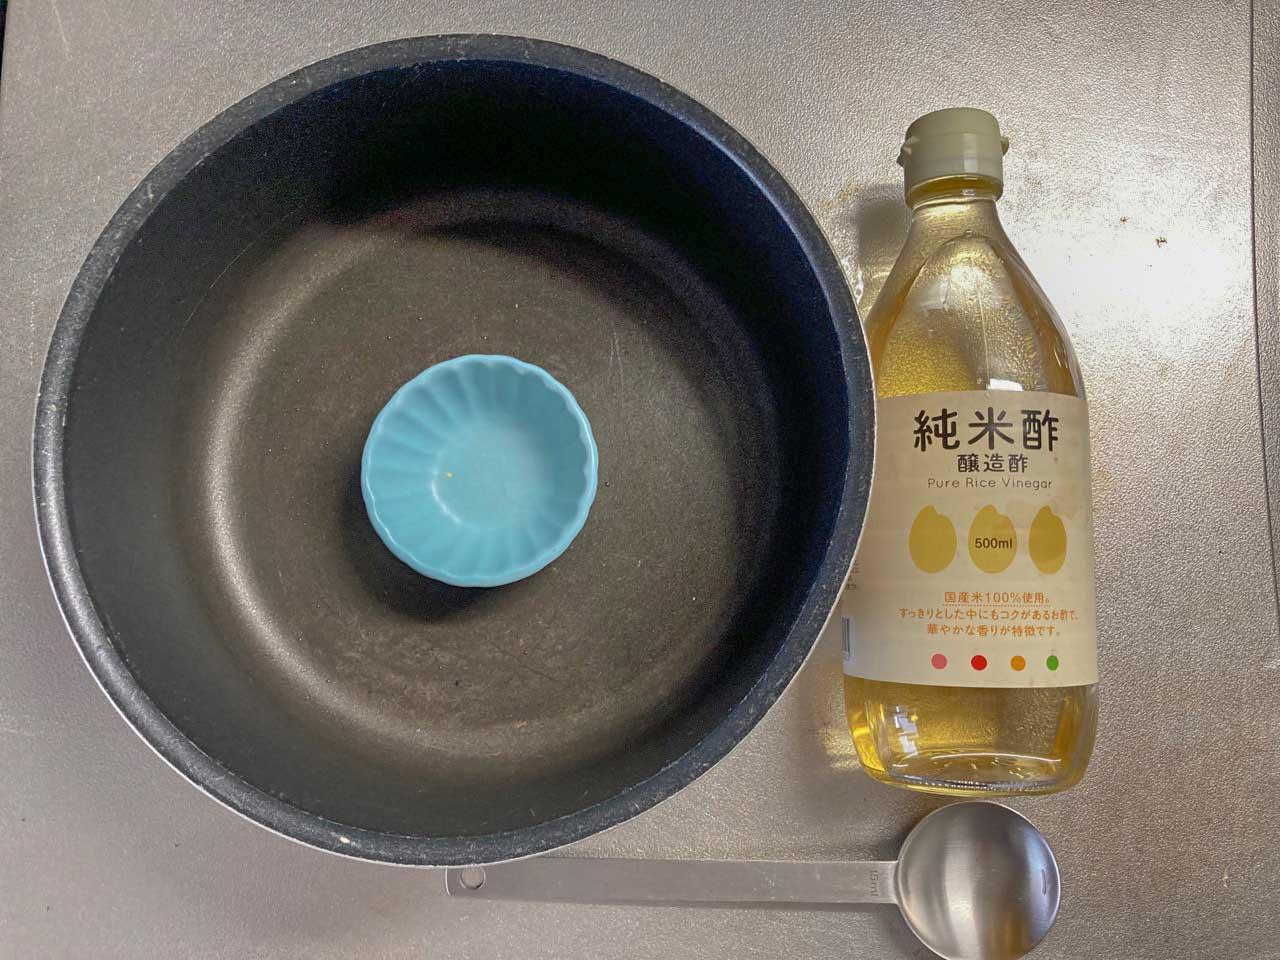 陶器・シリコン類の消臭は煮沸が必要